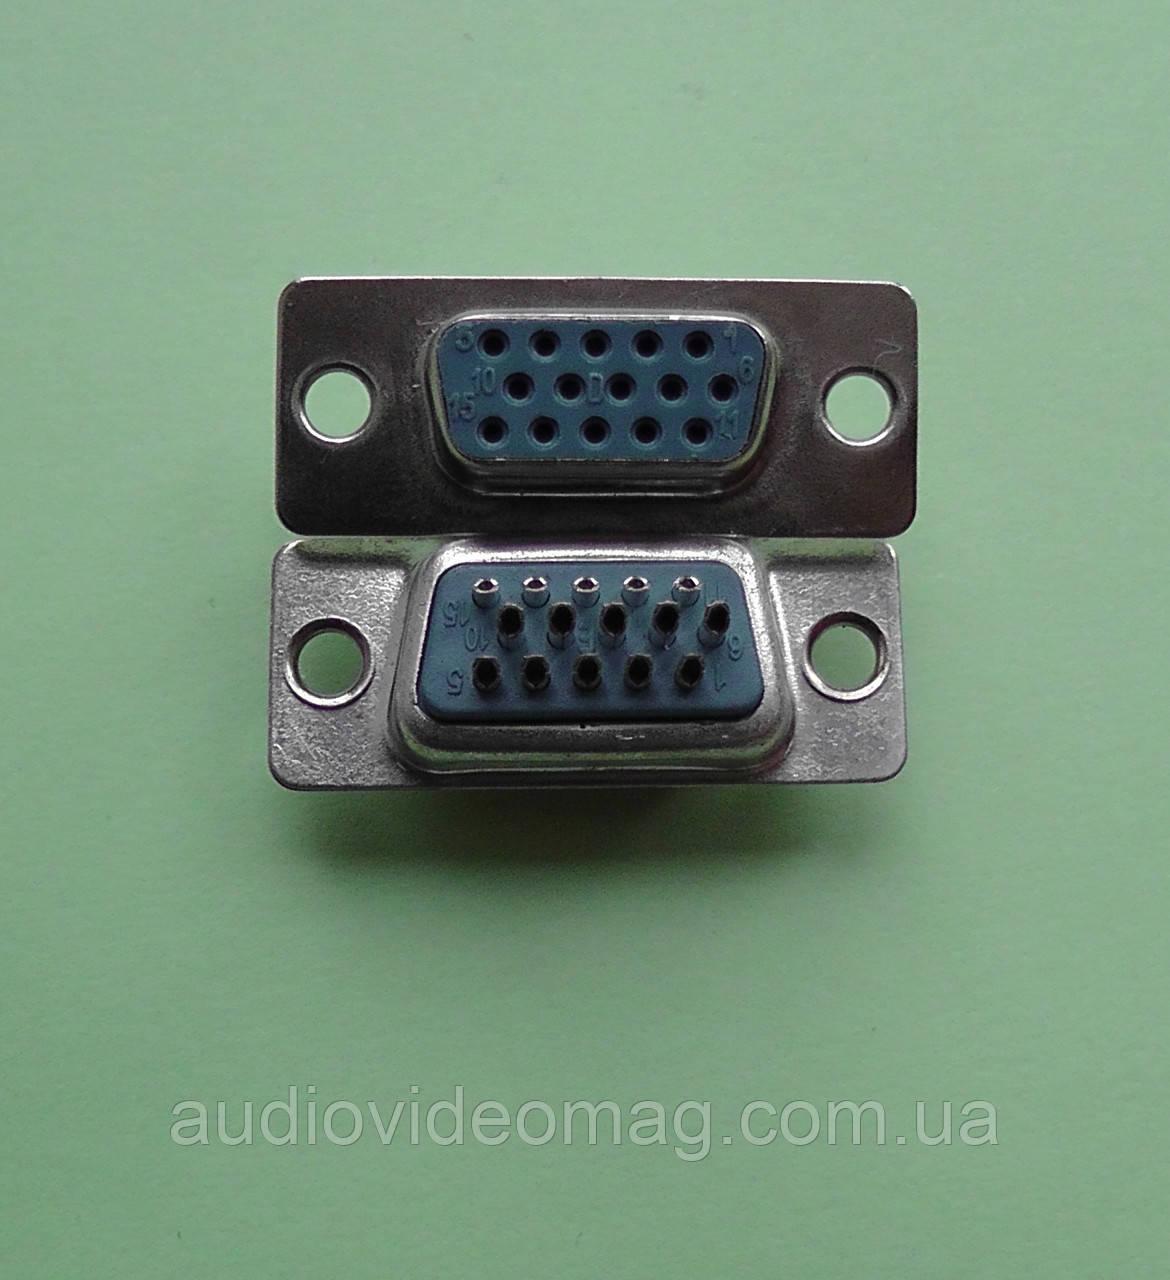 Розетка DHD-15F на кабель (VGA), разъём мама